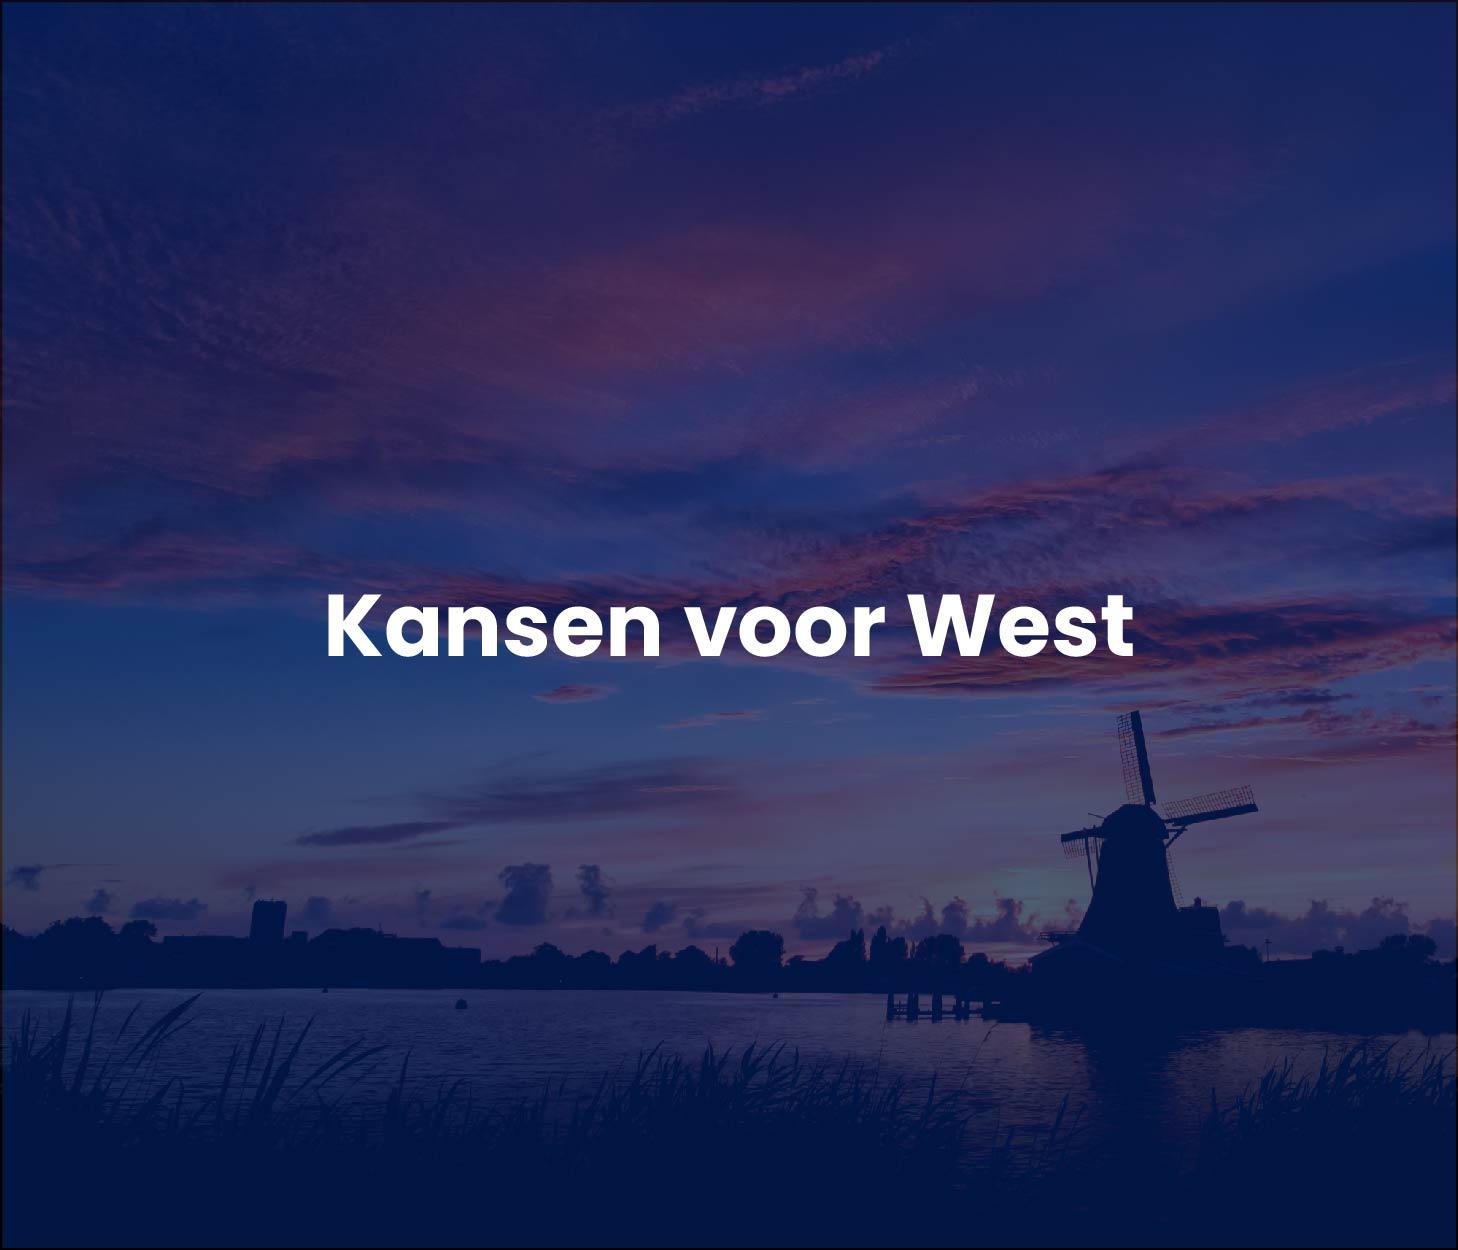 Kansen voor West